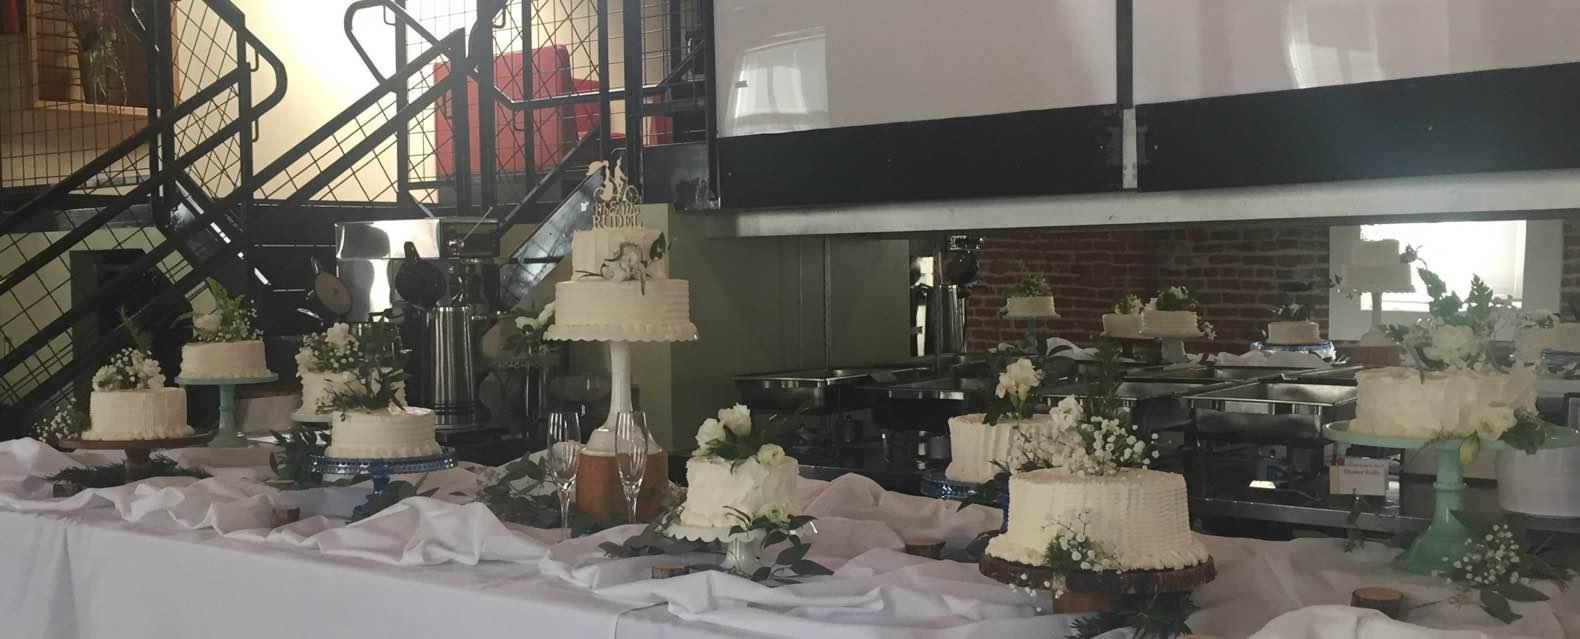 9.15.17-weddingcake2.jpg